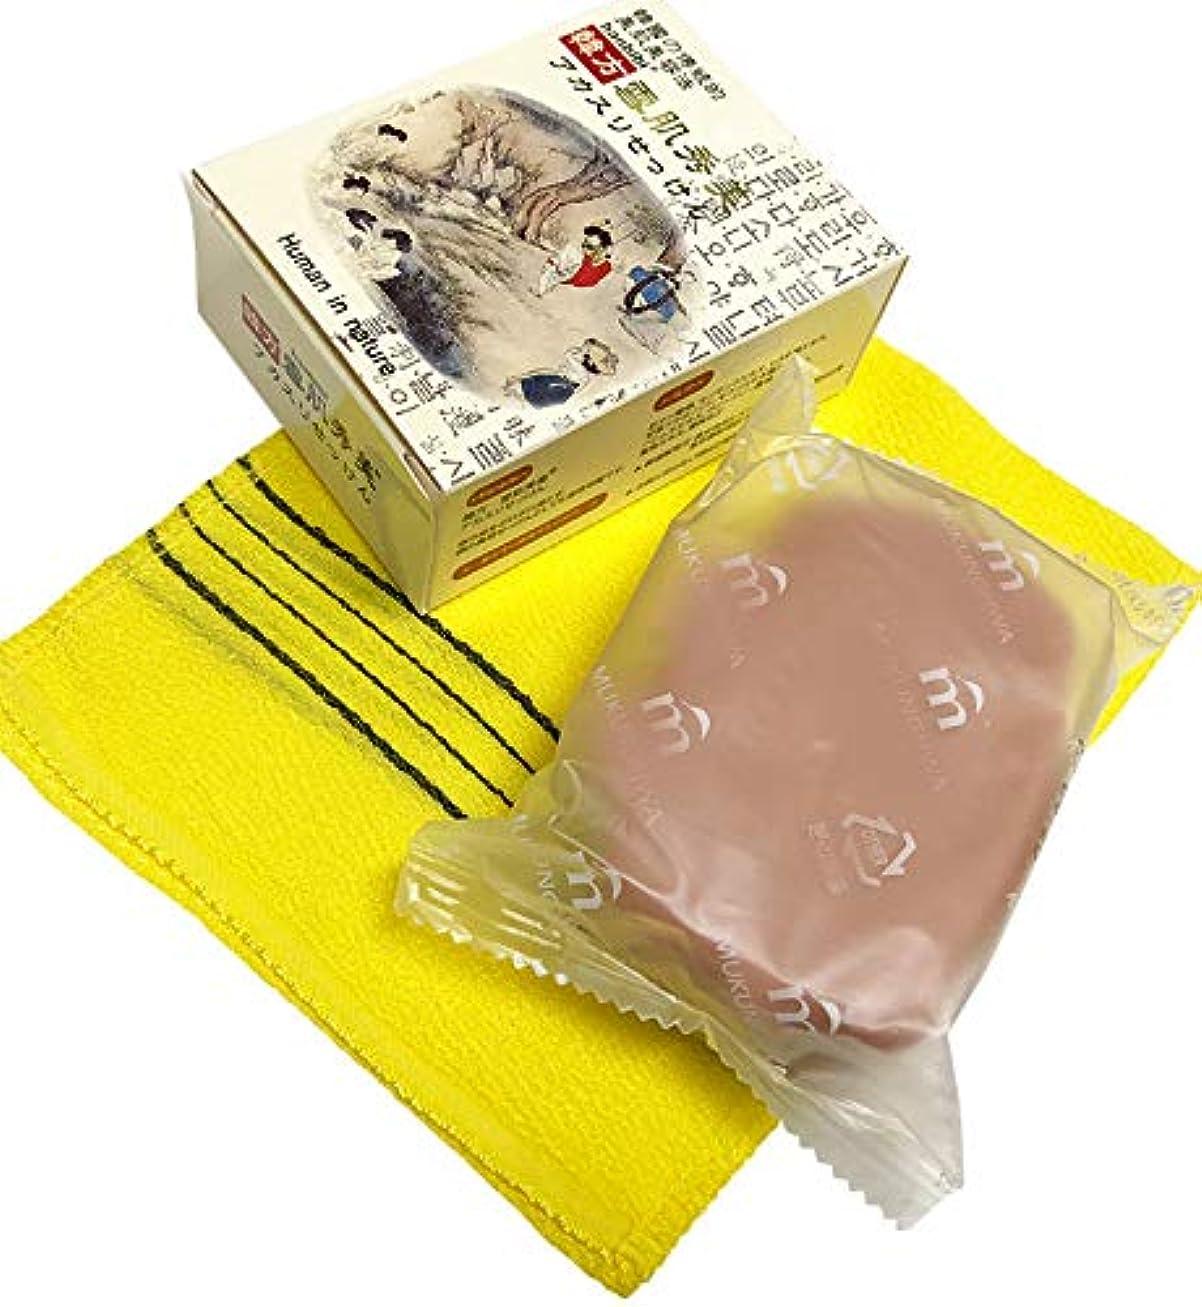 音楽化合物敵対的人気の顔、体兼用、蜂蜜香りの韓方石ケン、韓国コスメ 韓方[雪肌美]蜂蜜アカスリせっけん アカスリ専用タオル付き